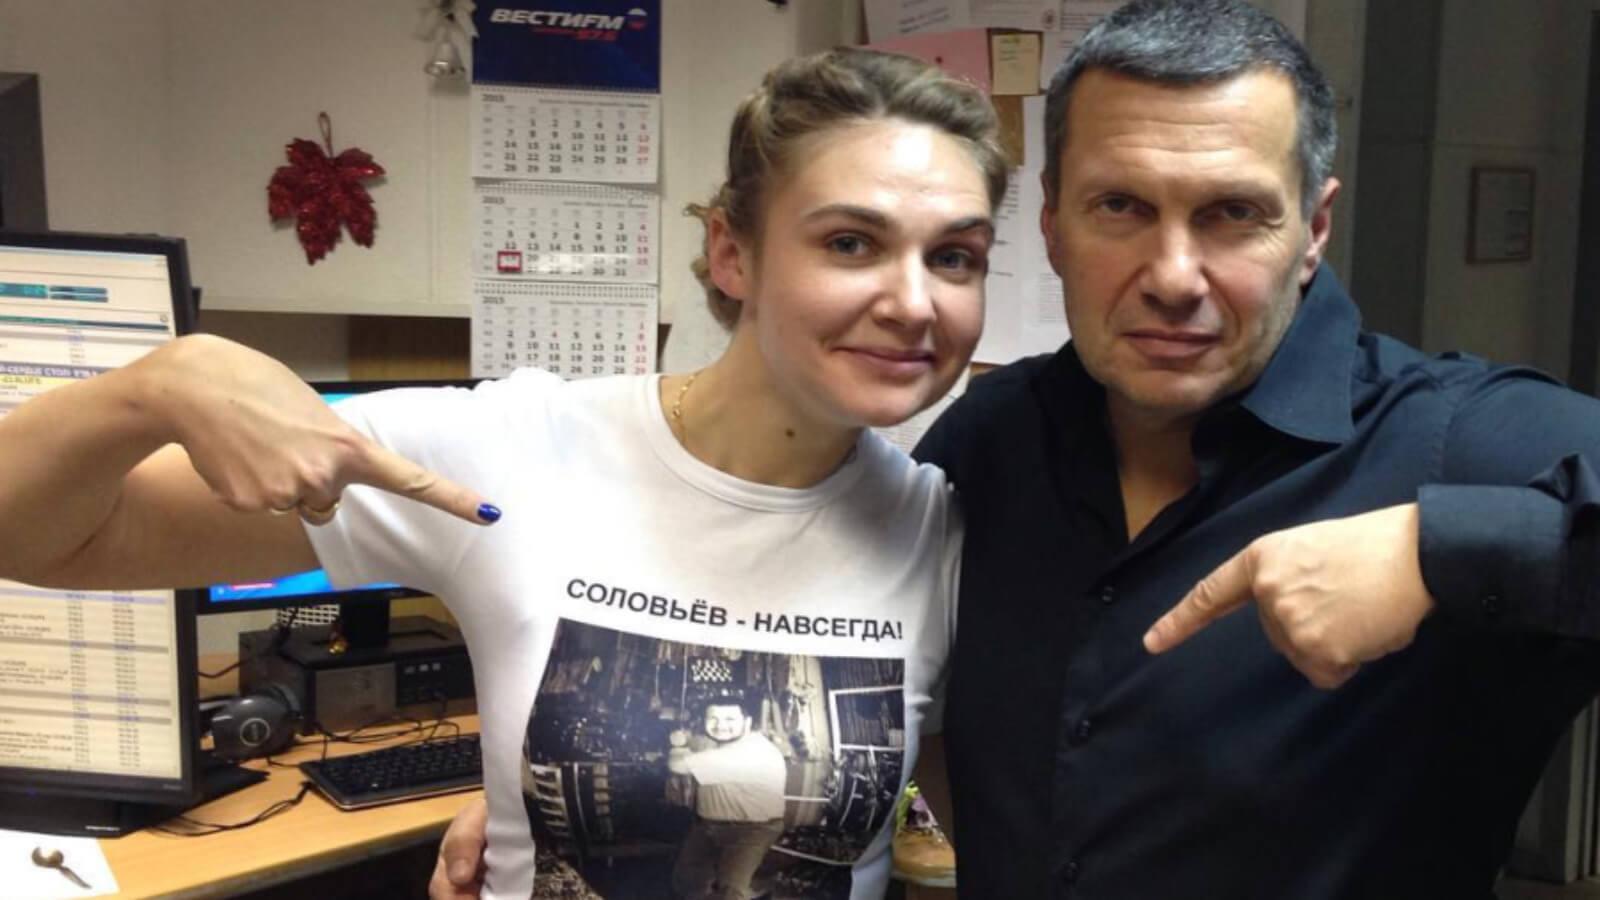 Конфликт Анны Шафран и Владимира Соловьёва: причины увольнения журналистки